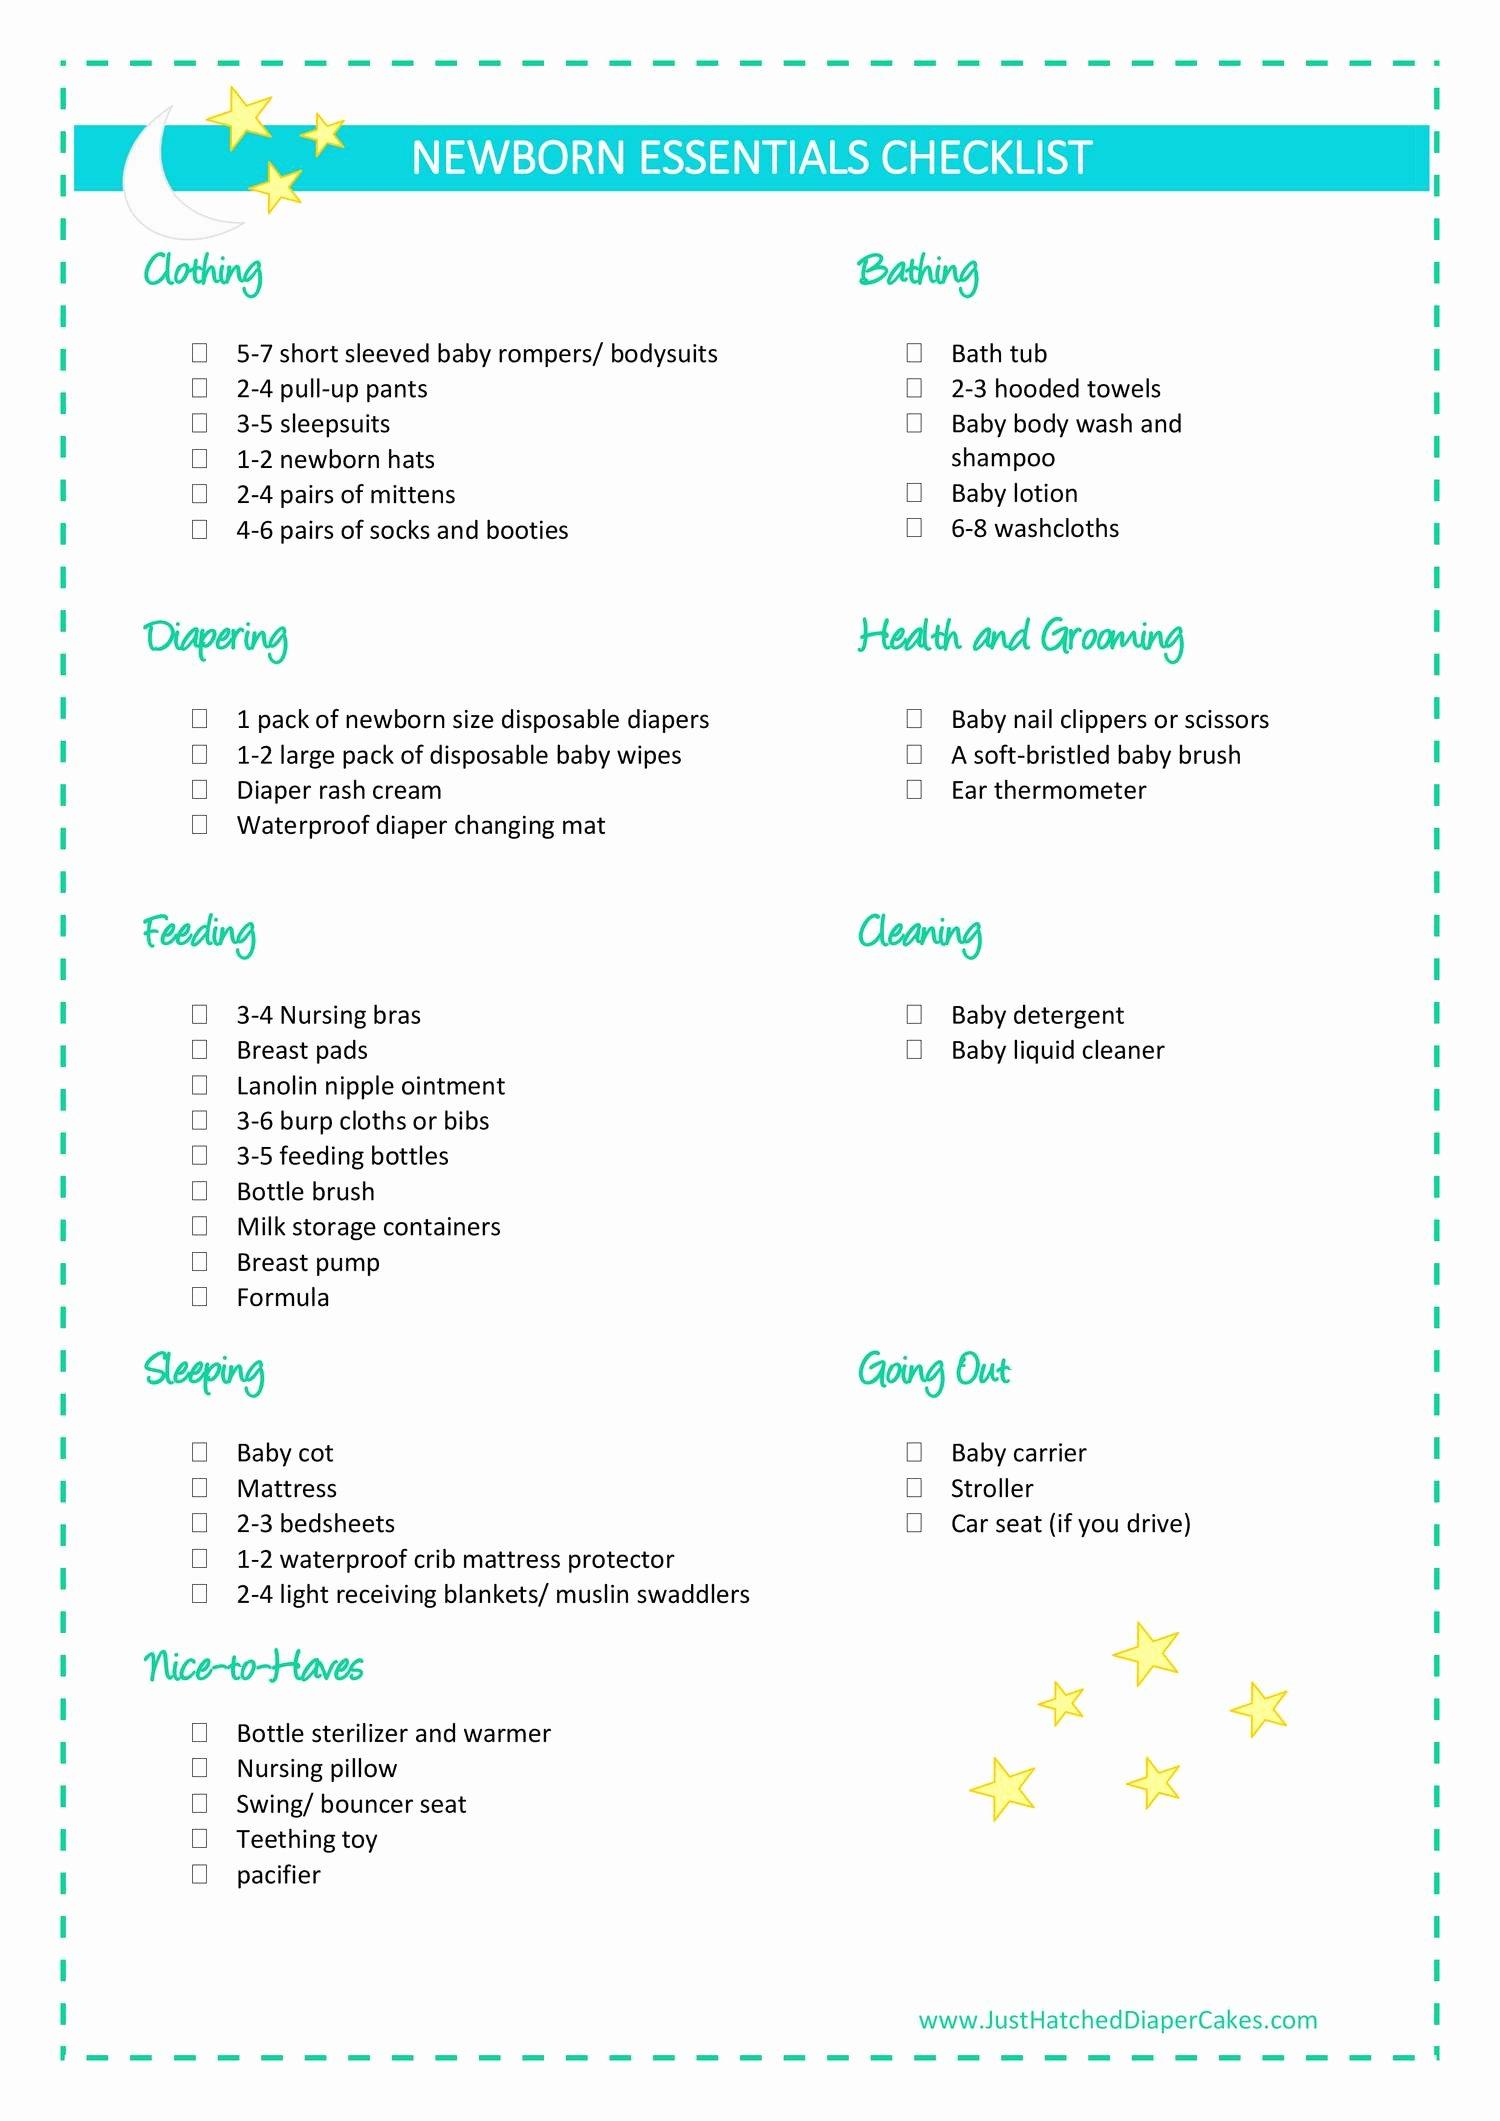 Newborn Essentials Checklist New Newborn Essentials Checklist Pdf